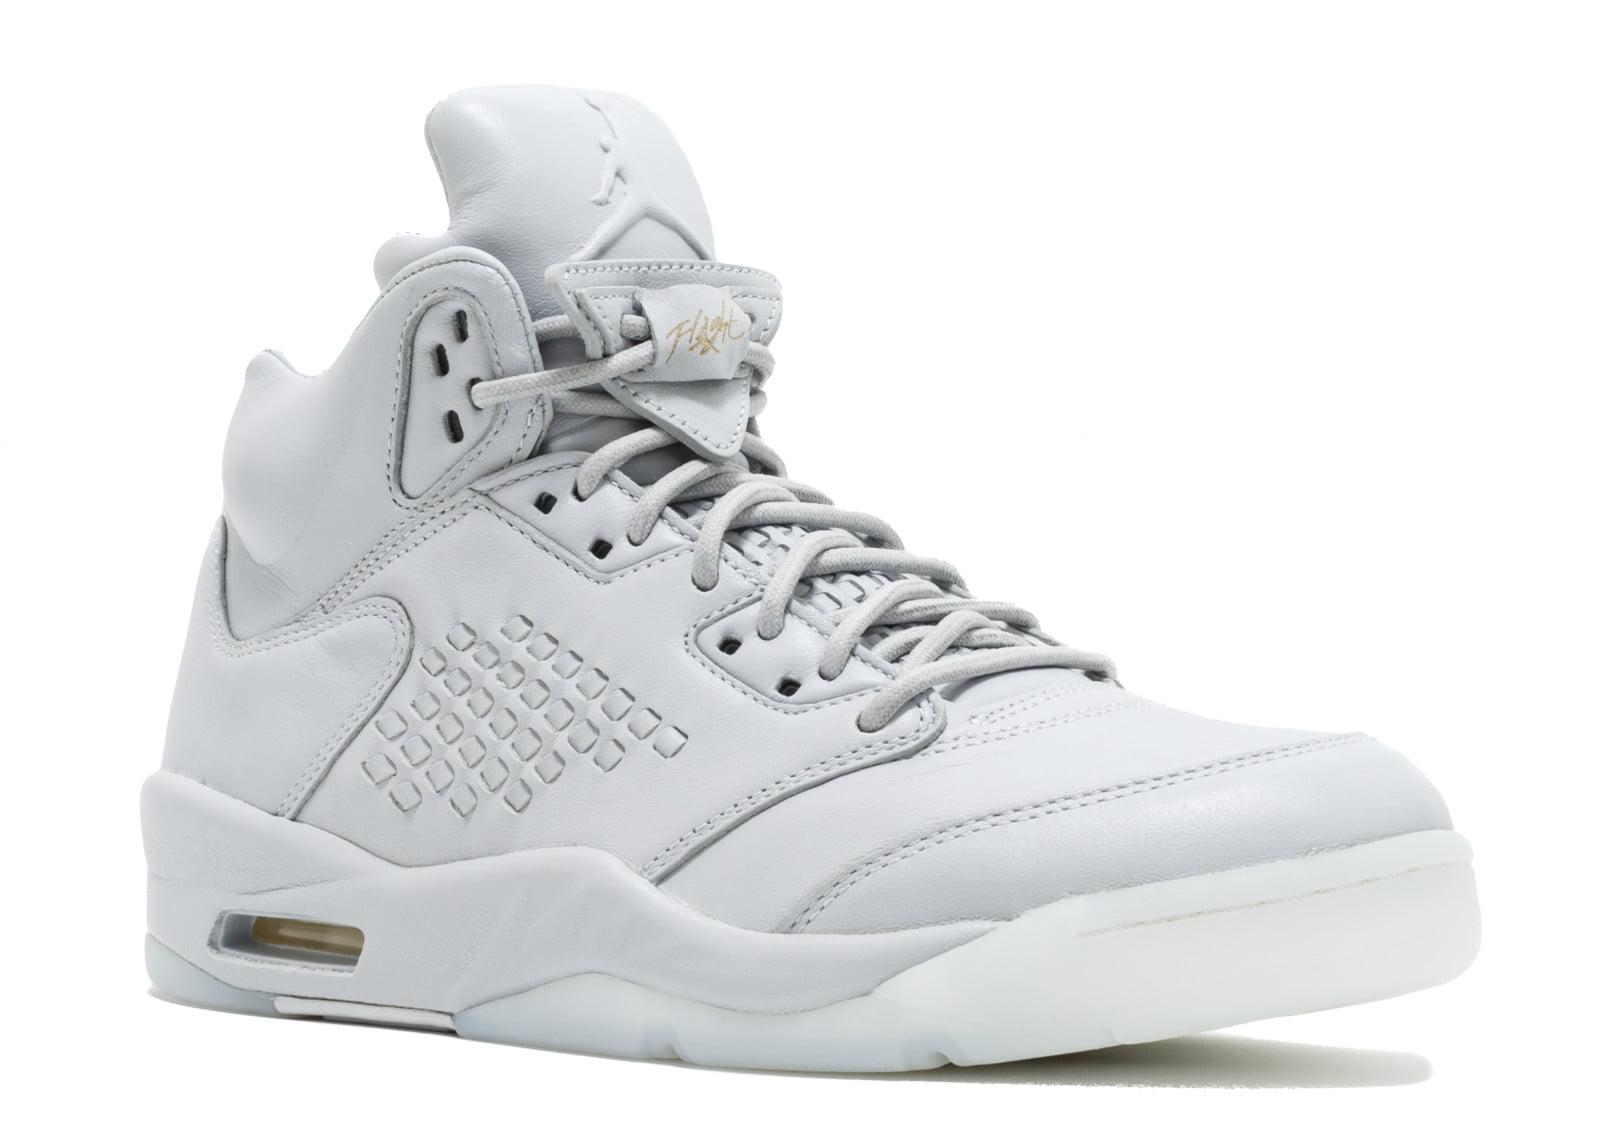 Air Jordan 5 Retro Prem 'Pure Platinum